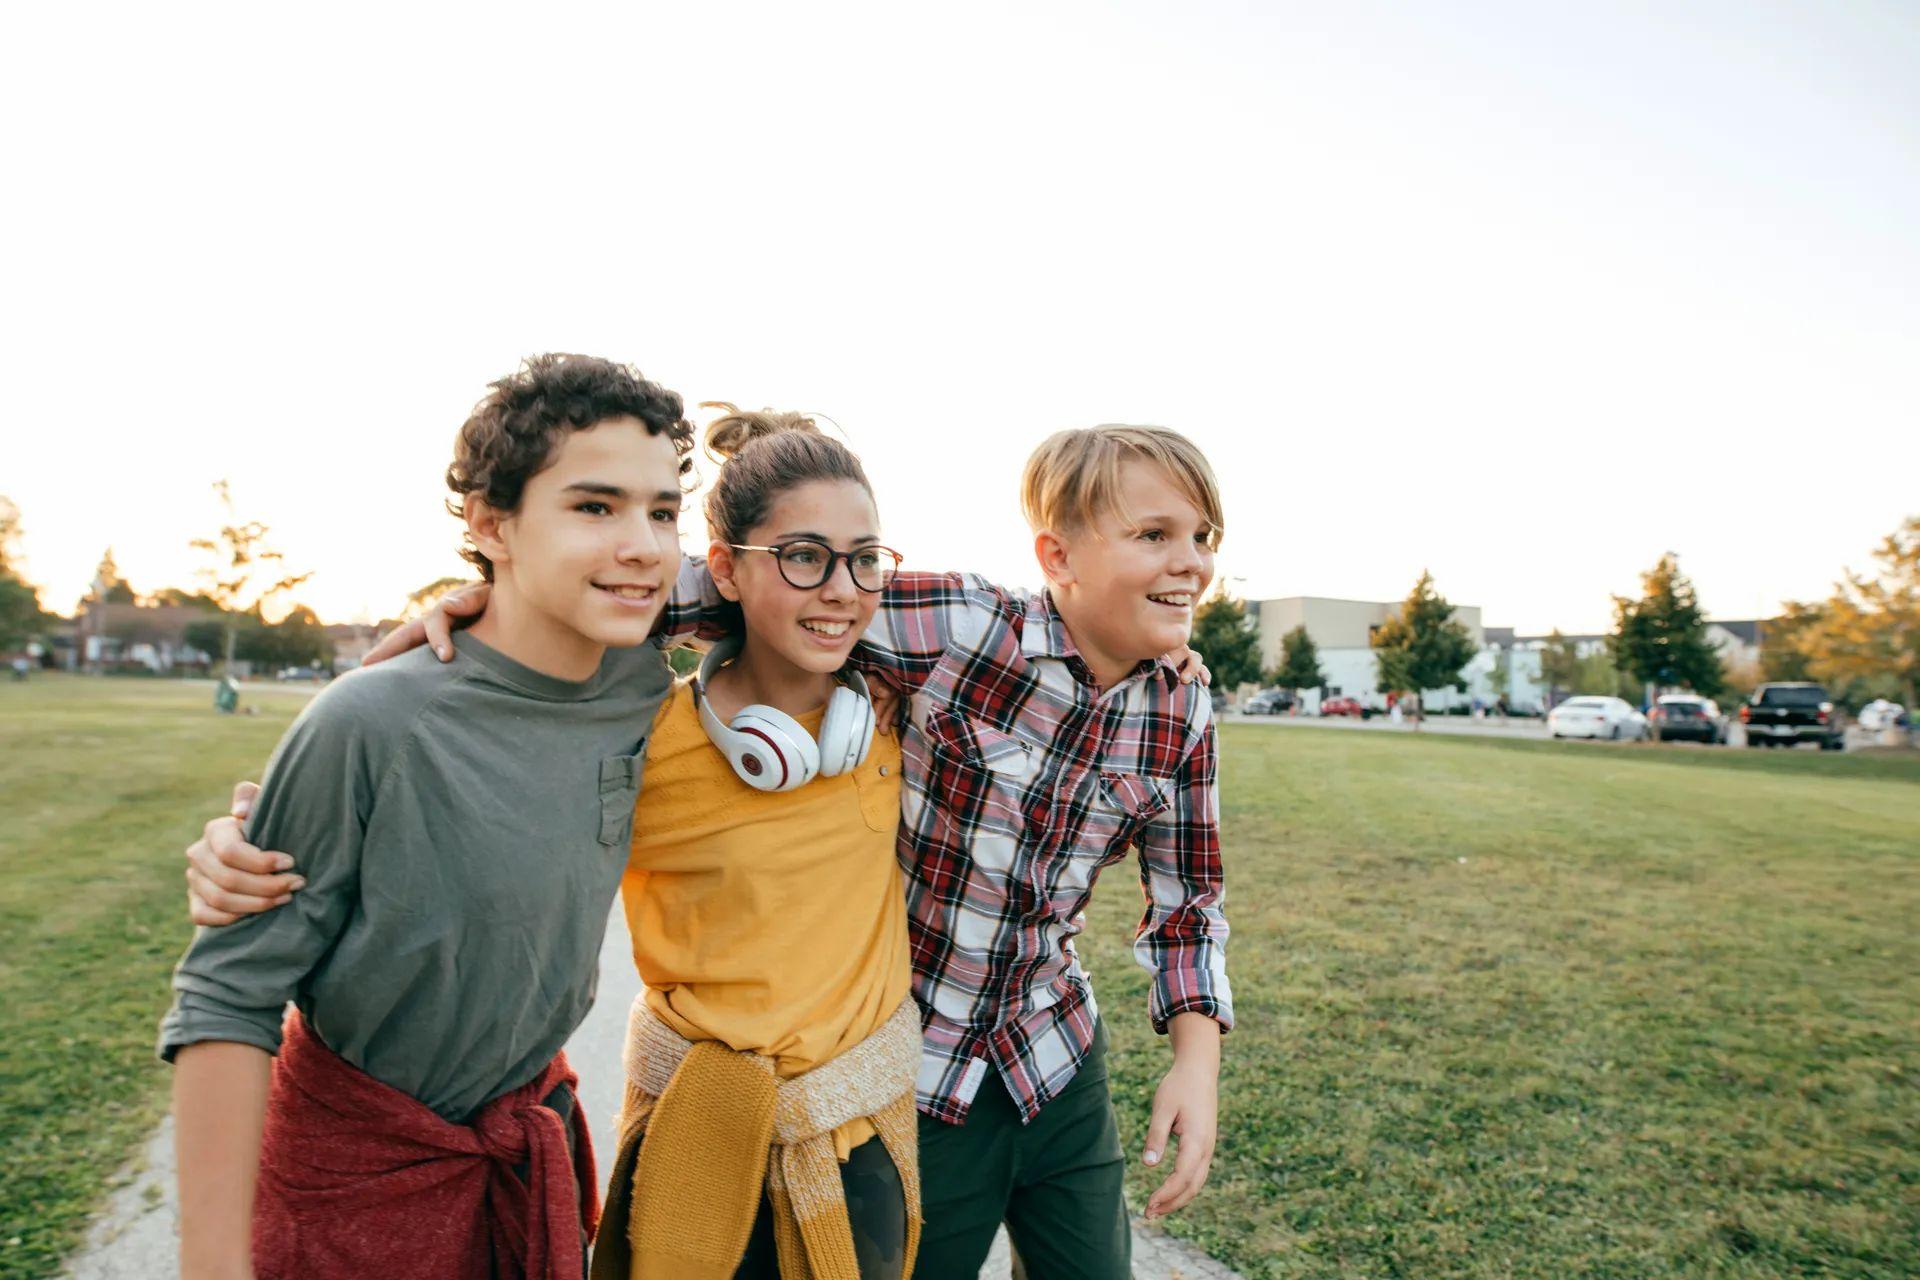 Sprachkurse für Kinder und Jugendliche